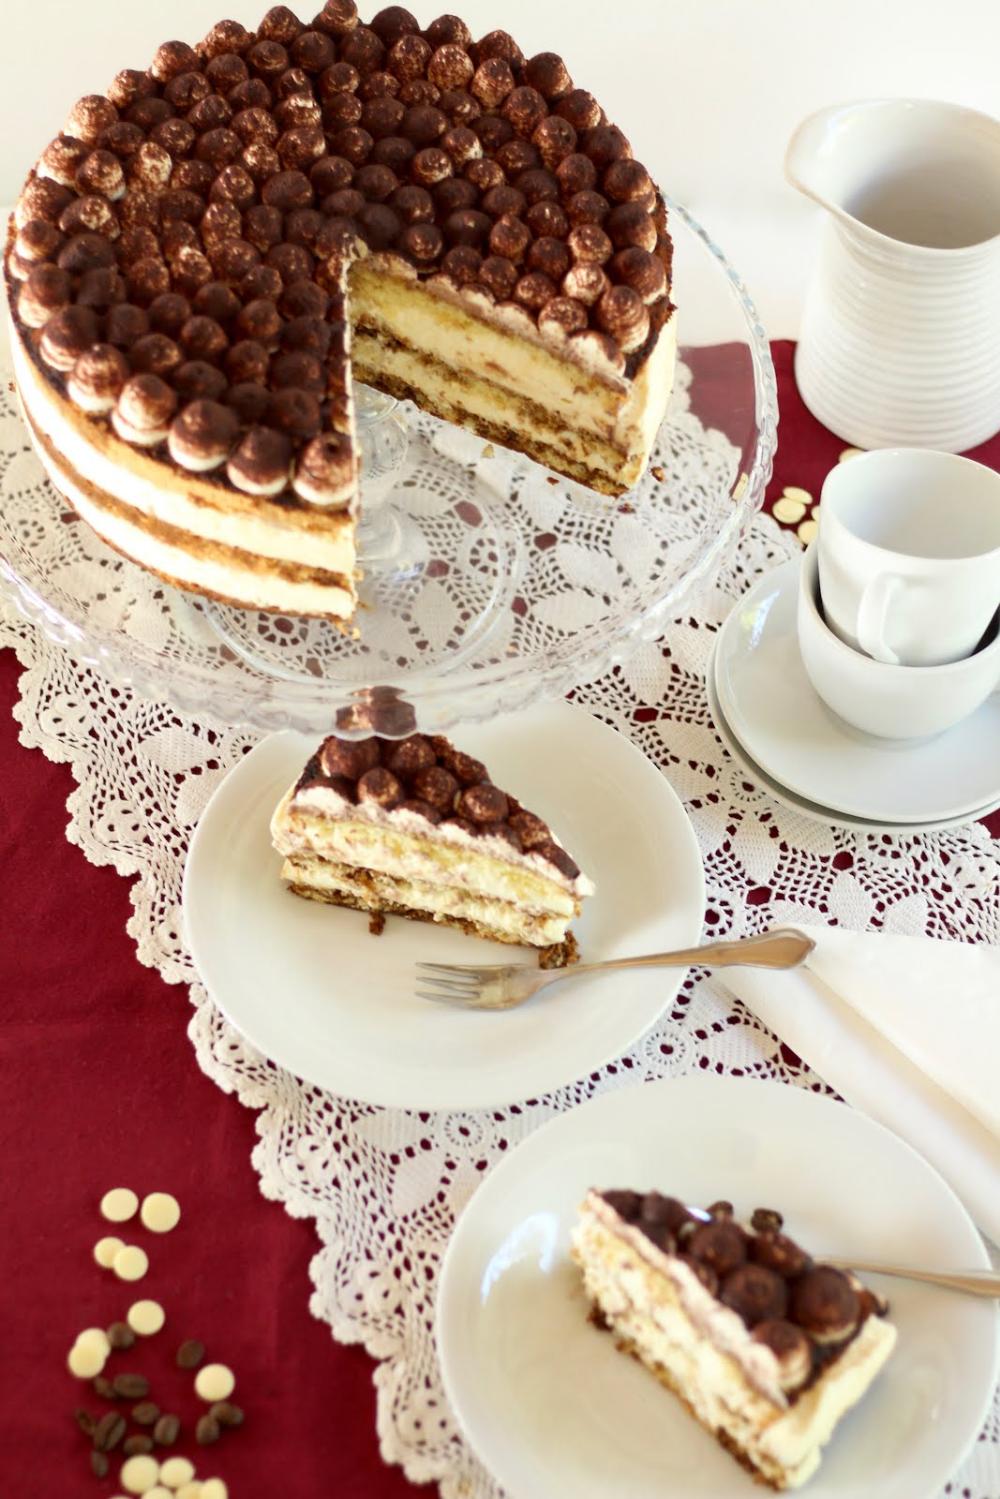 Kaffee-Torte mit weißer Schokosahne   Tiramisu-Torte mit feinem Biskuit   Rezept und Video von Sugarprincess #halloweenappetizerideas